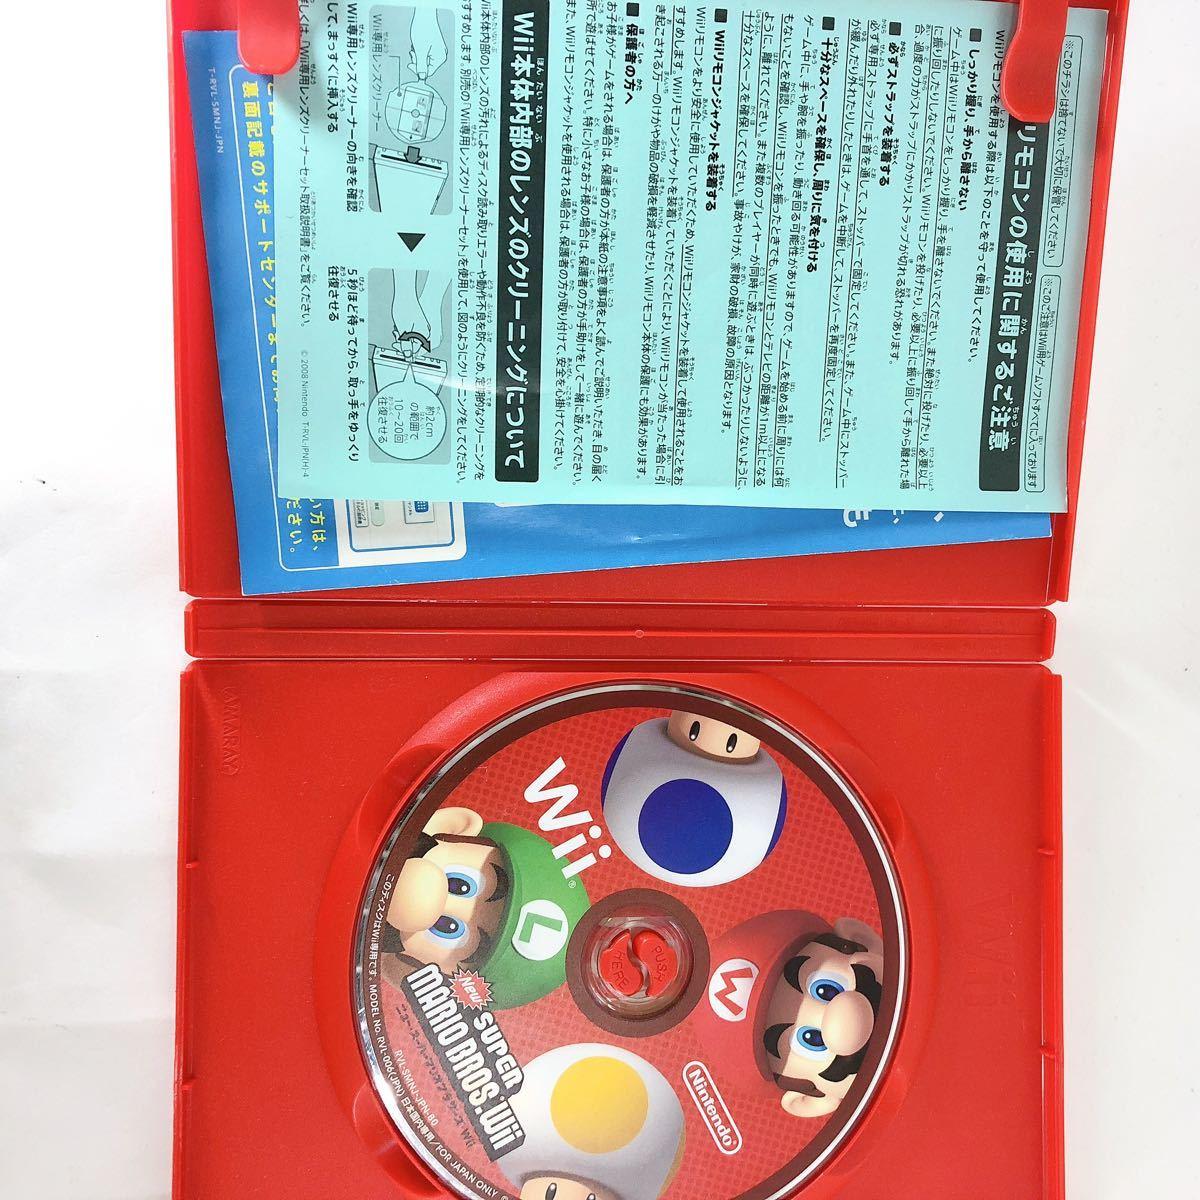 Wii ニュー・スーパーマリオブラザーズ・Wii Wiiソフト NewスーパーマリオブラザーズWii